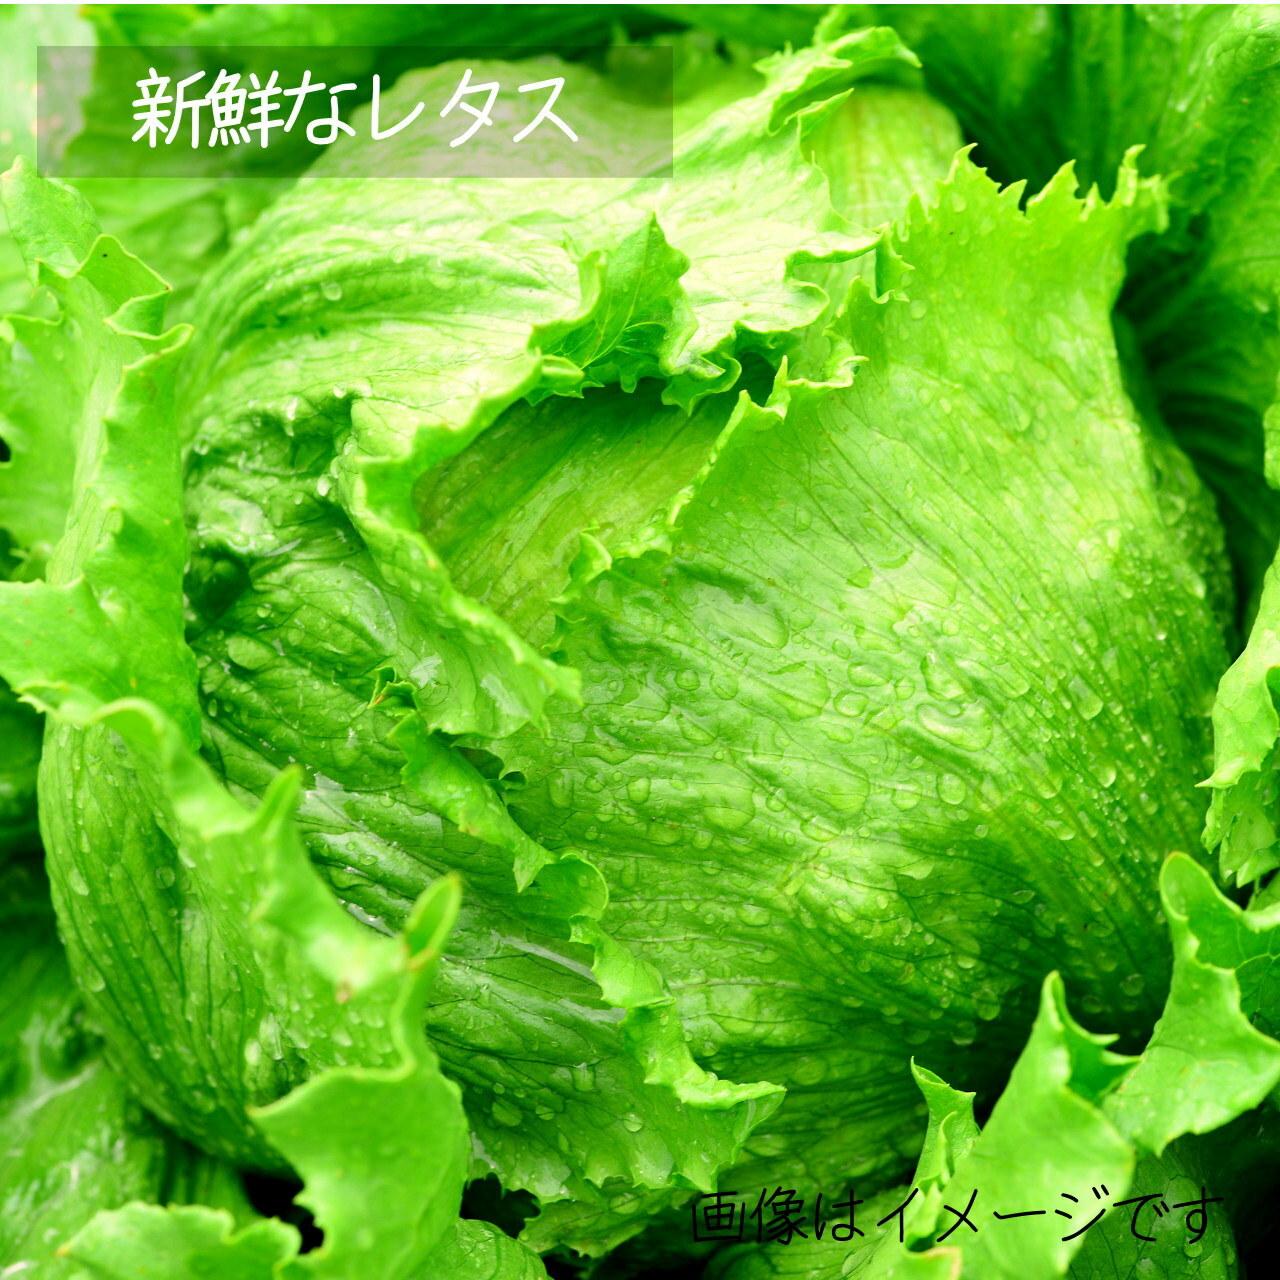 春の新鮮野菜 レタス 1個: 5月朝採り直売野菜 5月30日発送予定